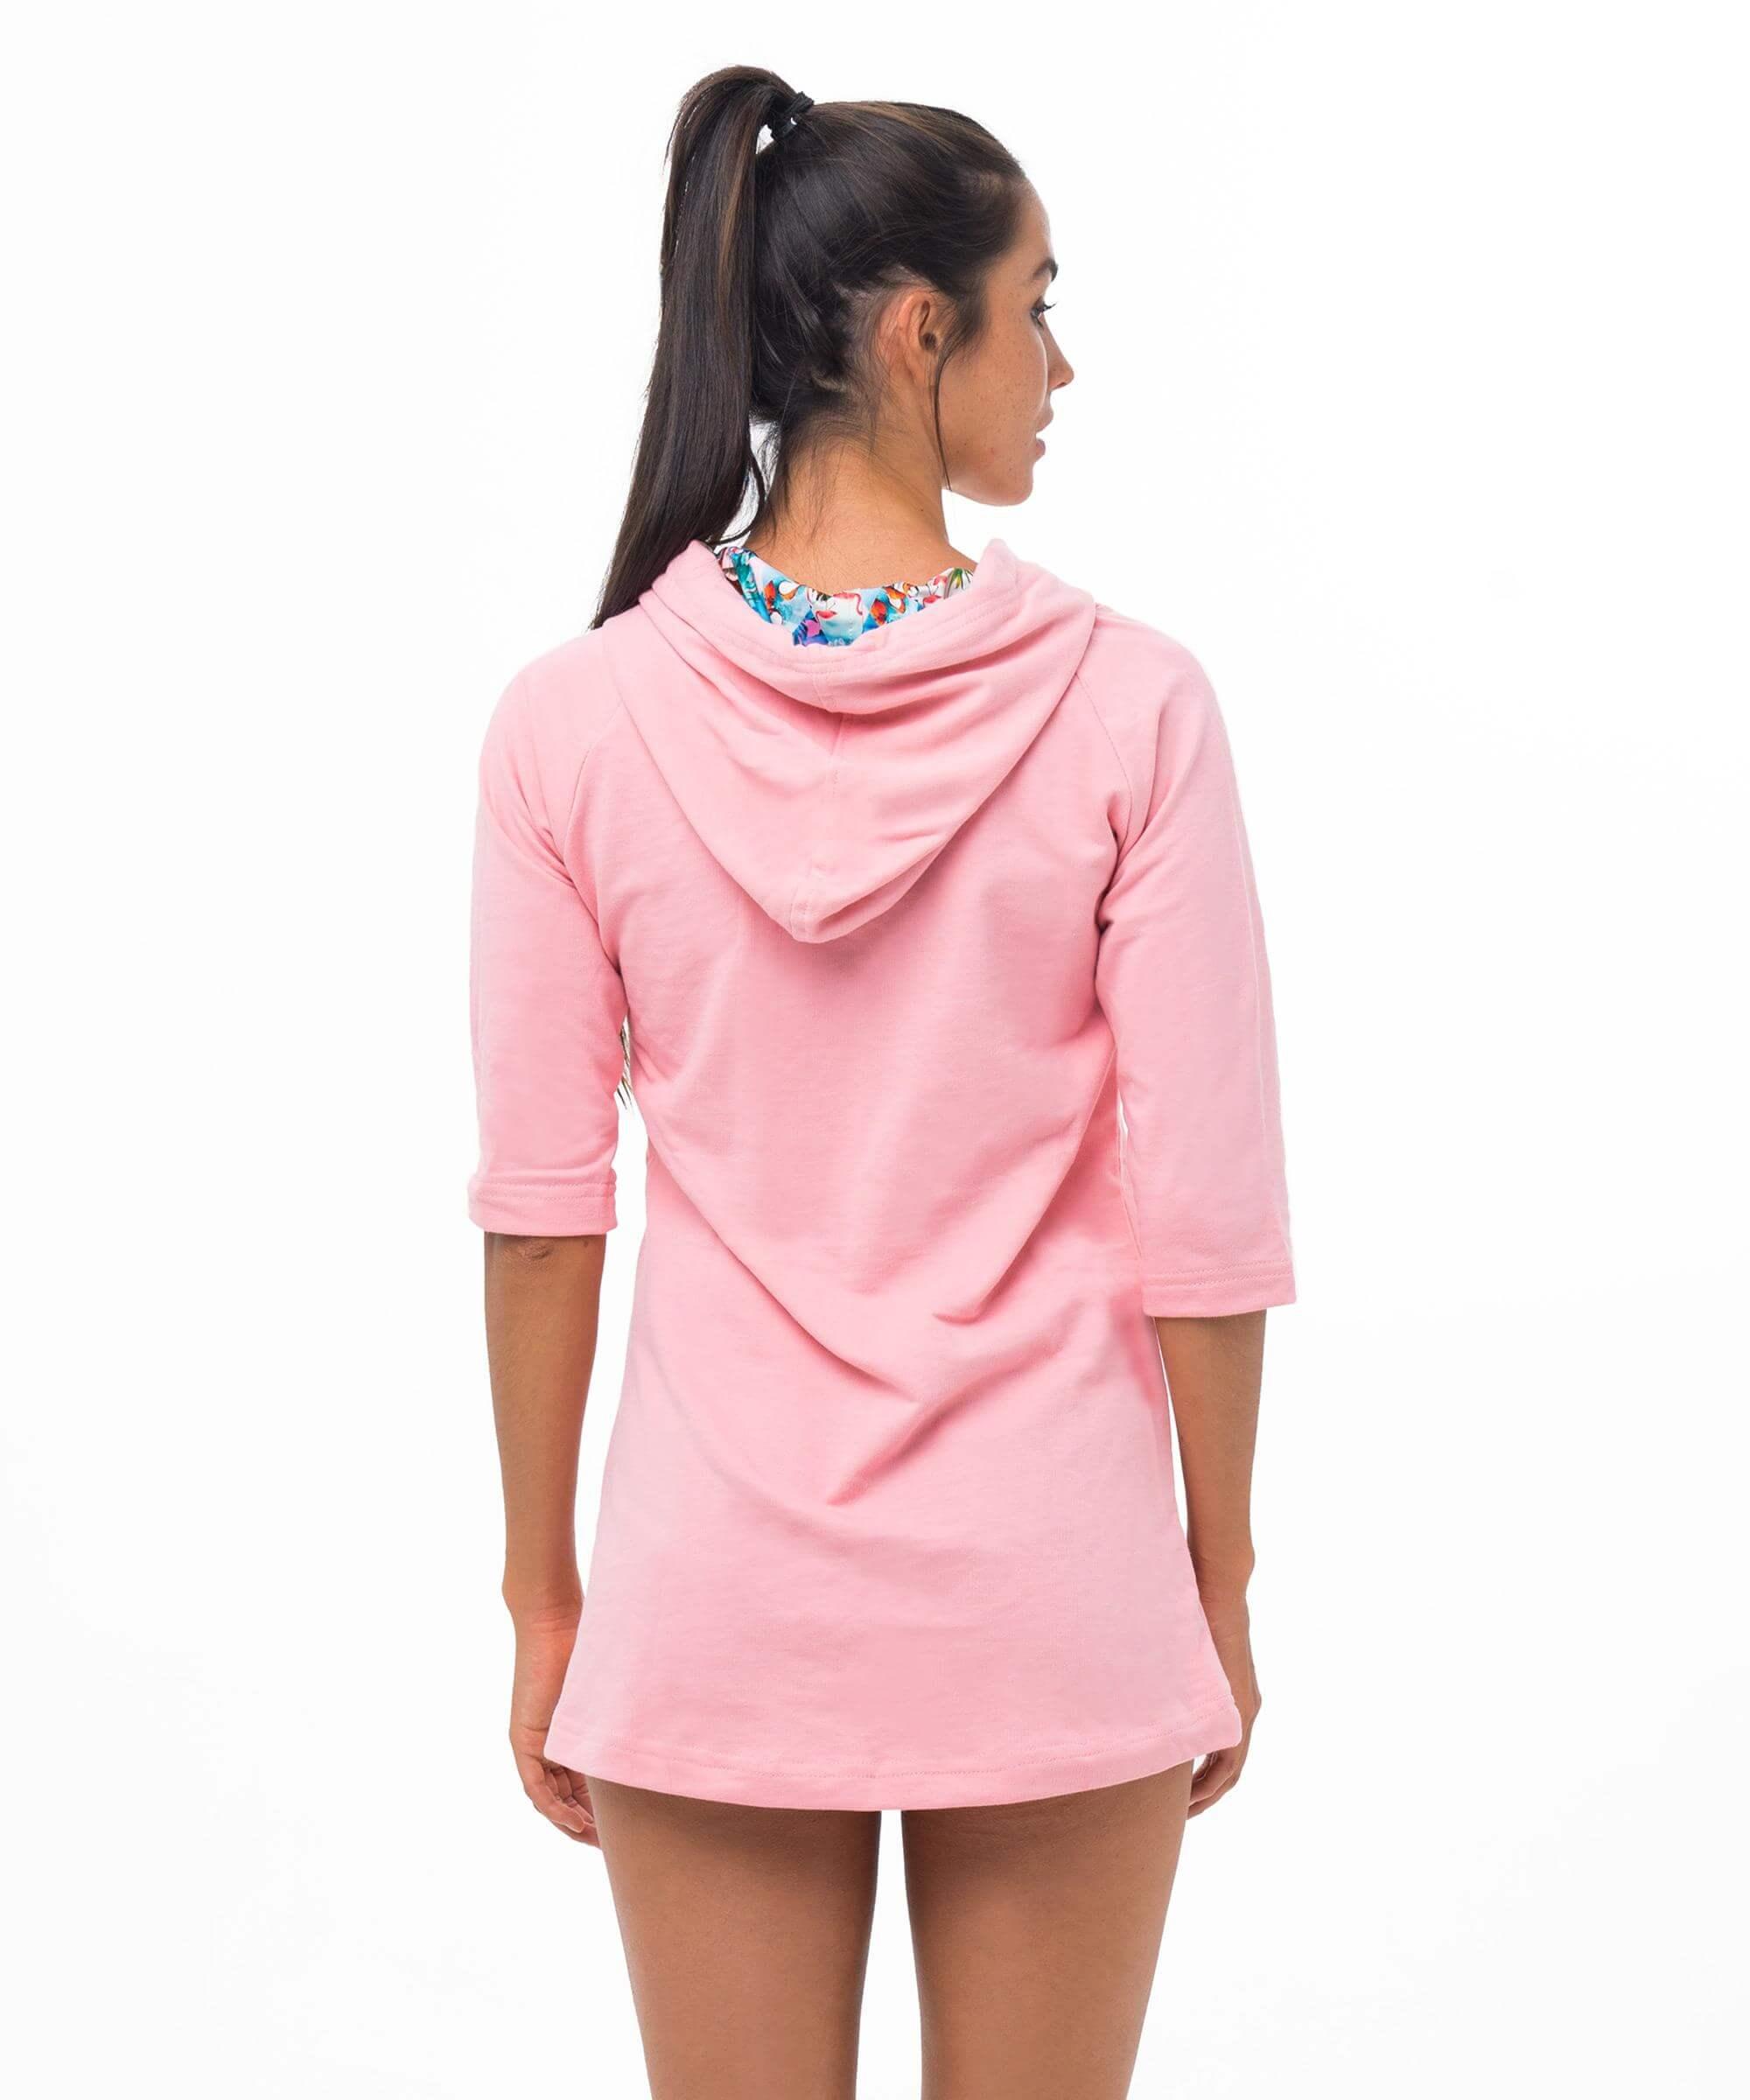 BAHAMAS BETTY DRESS